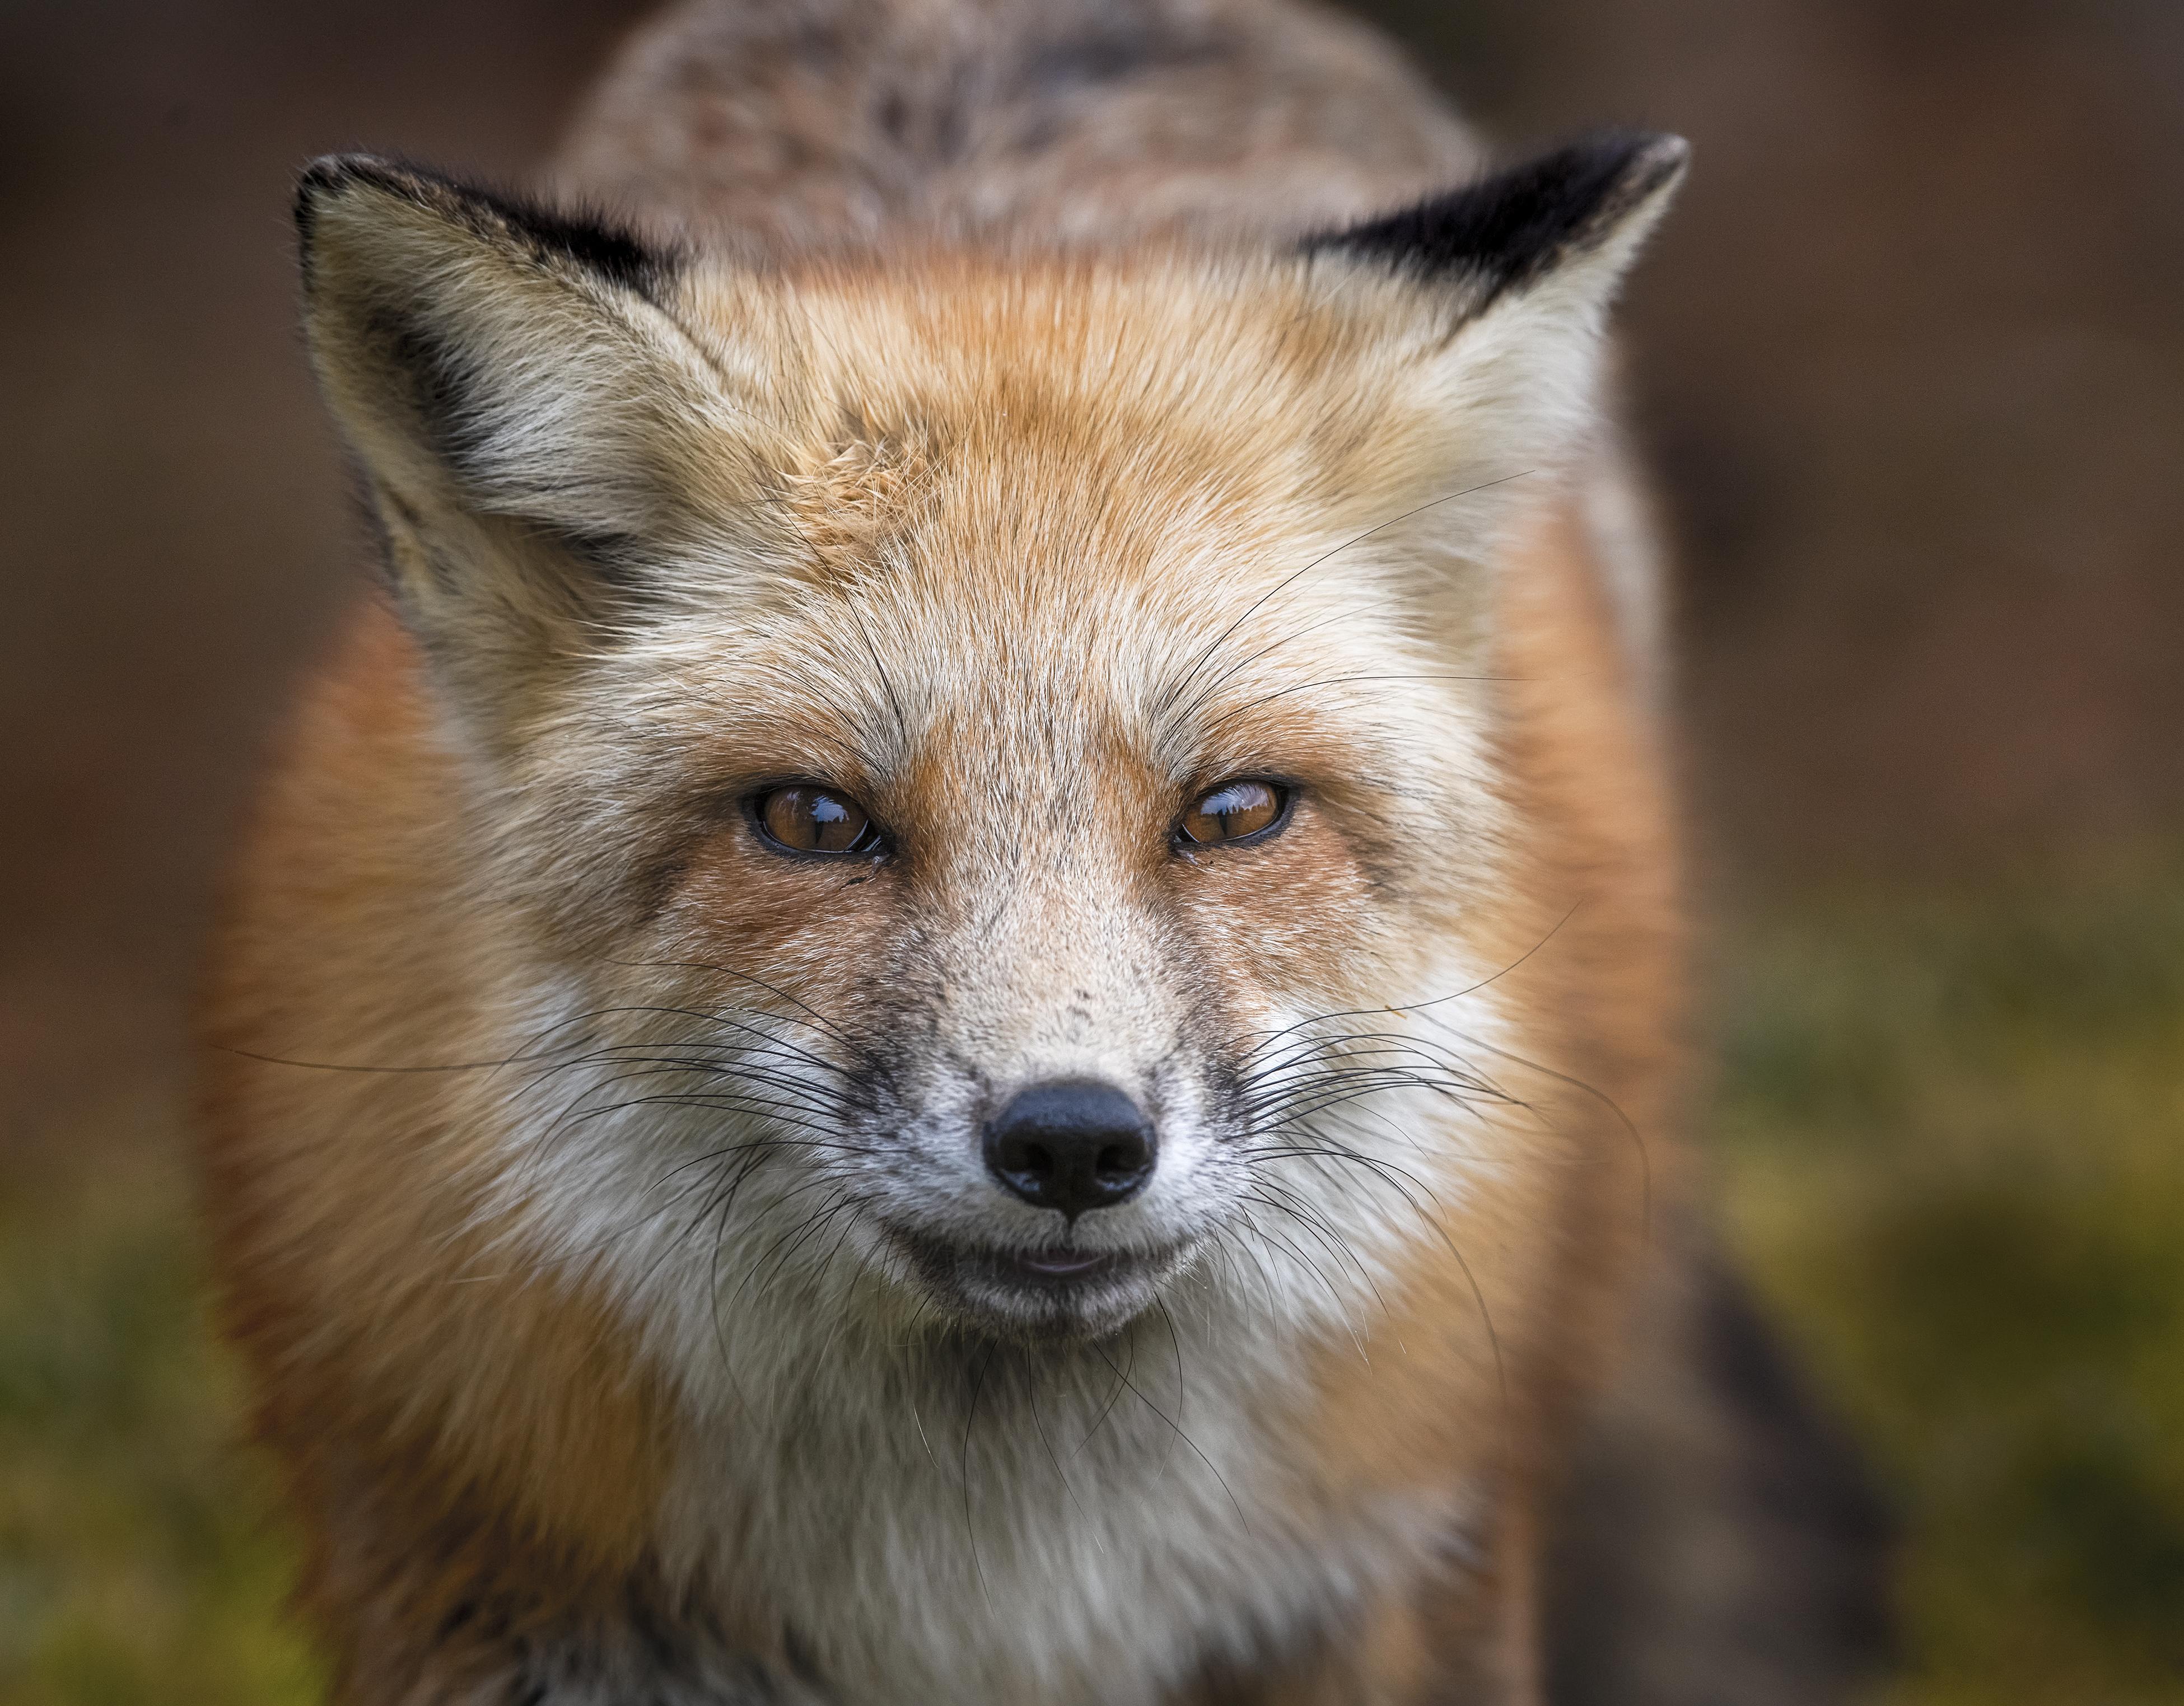 Female-Fox-Stare_8505946